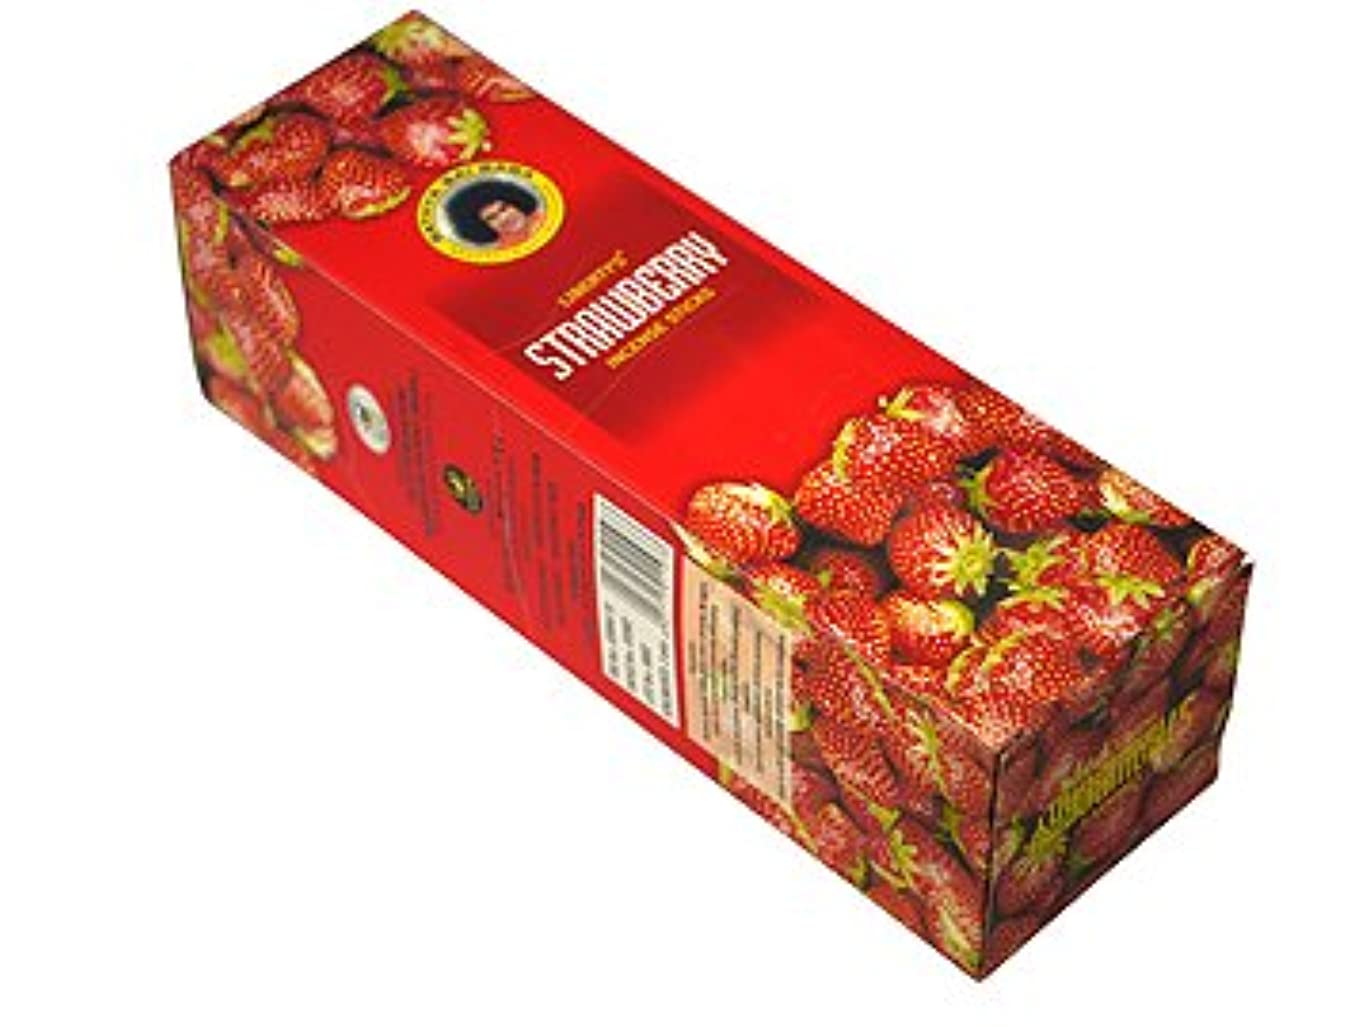 神話潮とんでもないLIBERTY'S(リバティーズ) ストロベリー香スクエアパック スティック STRAWBERRY 25箱セット